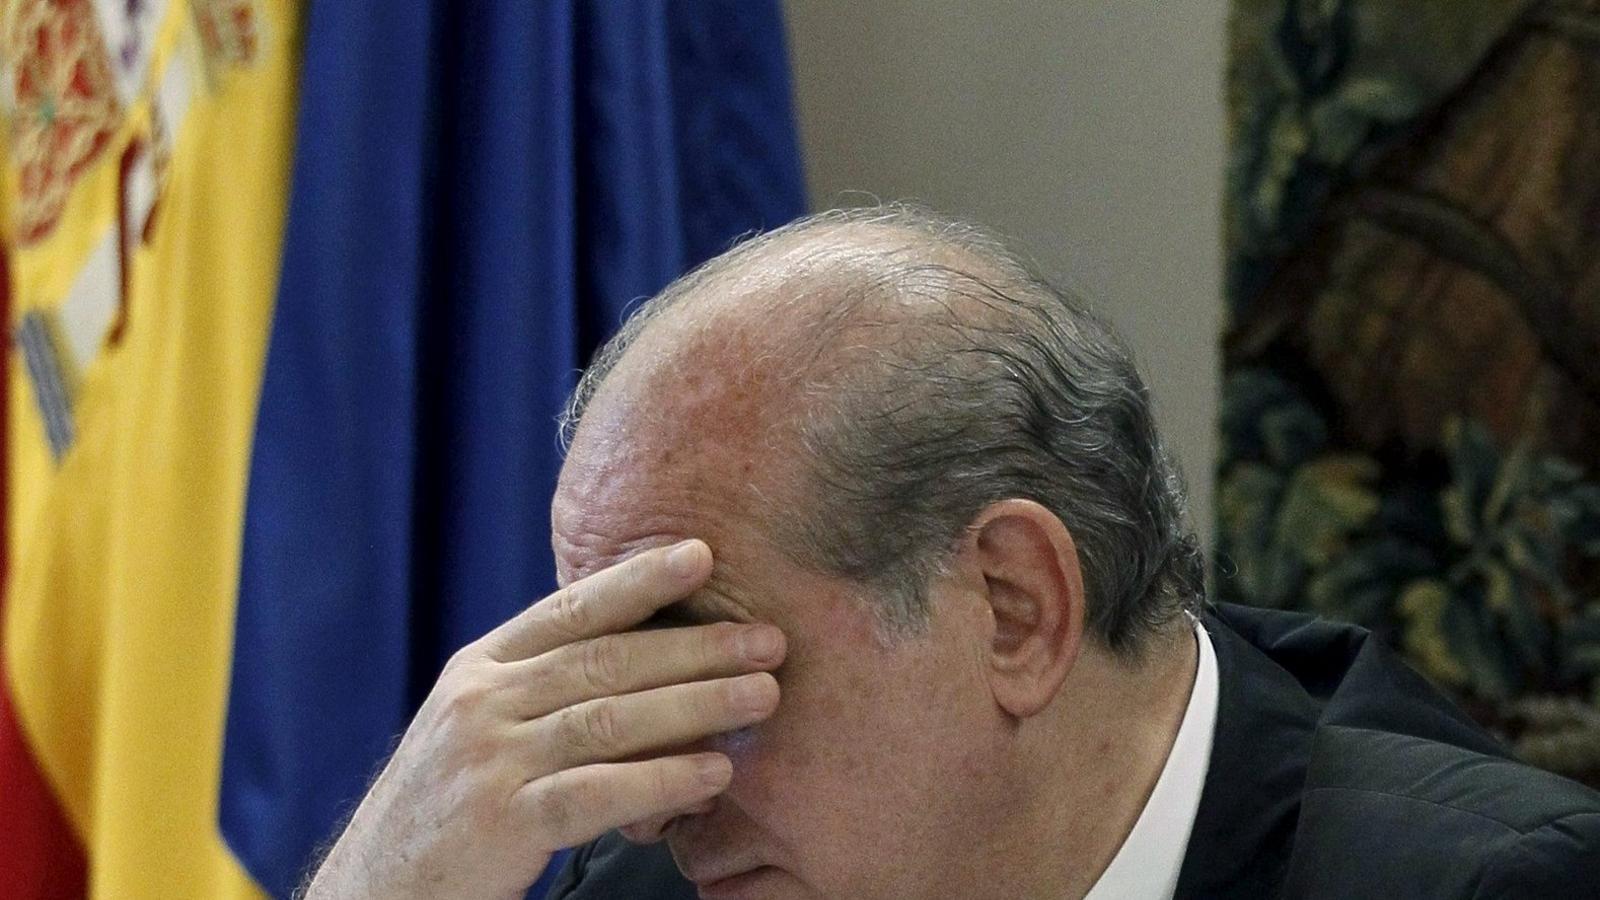 El ministre de l'Interior, Jorge Fernández Díaz, va fer ahir una conferència a la seu del Centre d'Estudis Polítics i Institucionals.